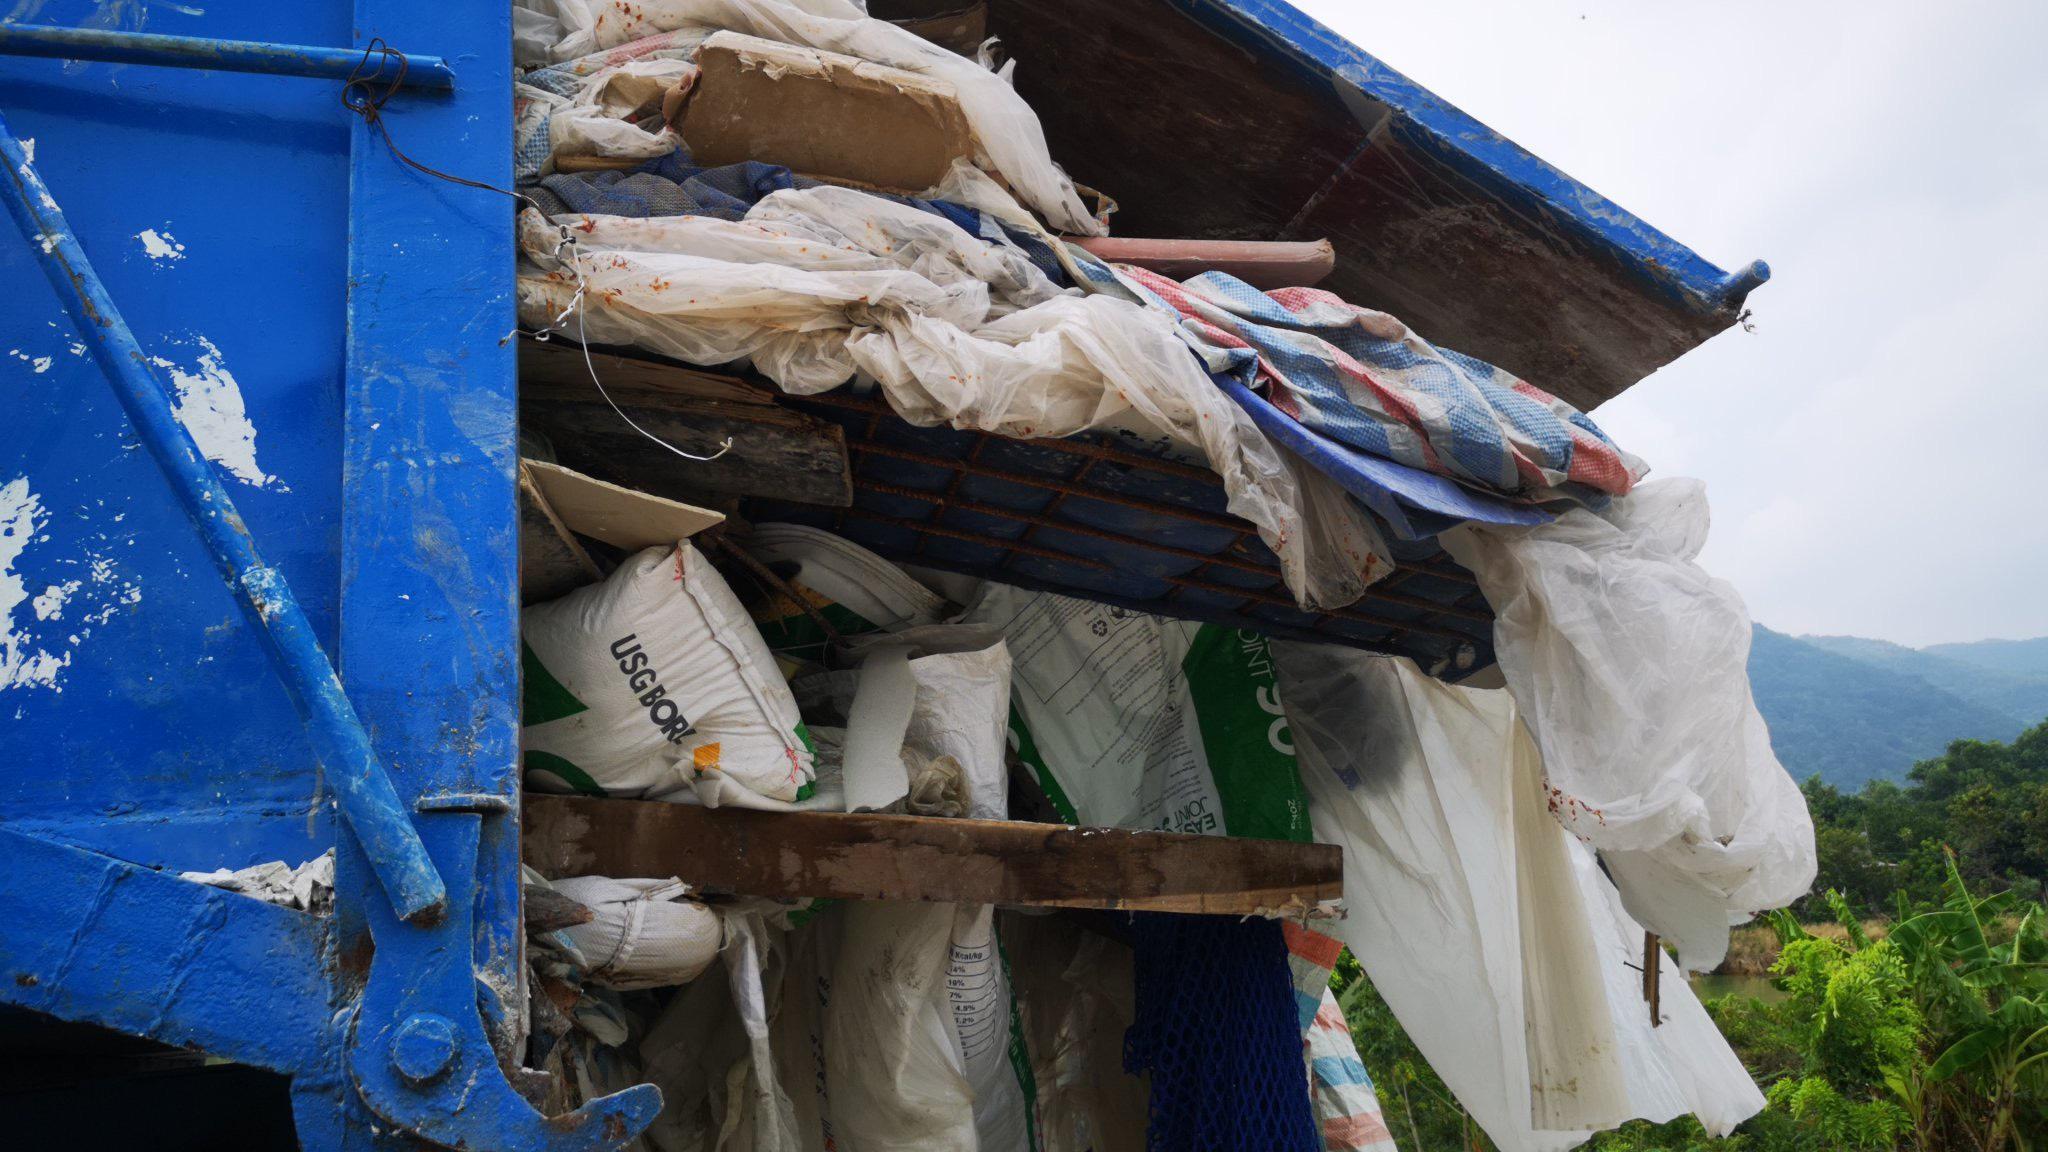 Bà Rịa - Vũng Tàu: Bắt vụ đổ gần chục tấn chất thải trái phép xuống khu đất trống - Ảnh 2.